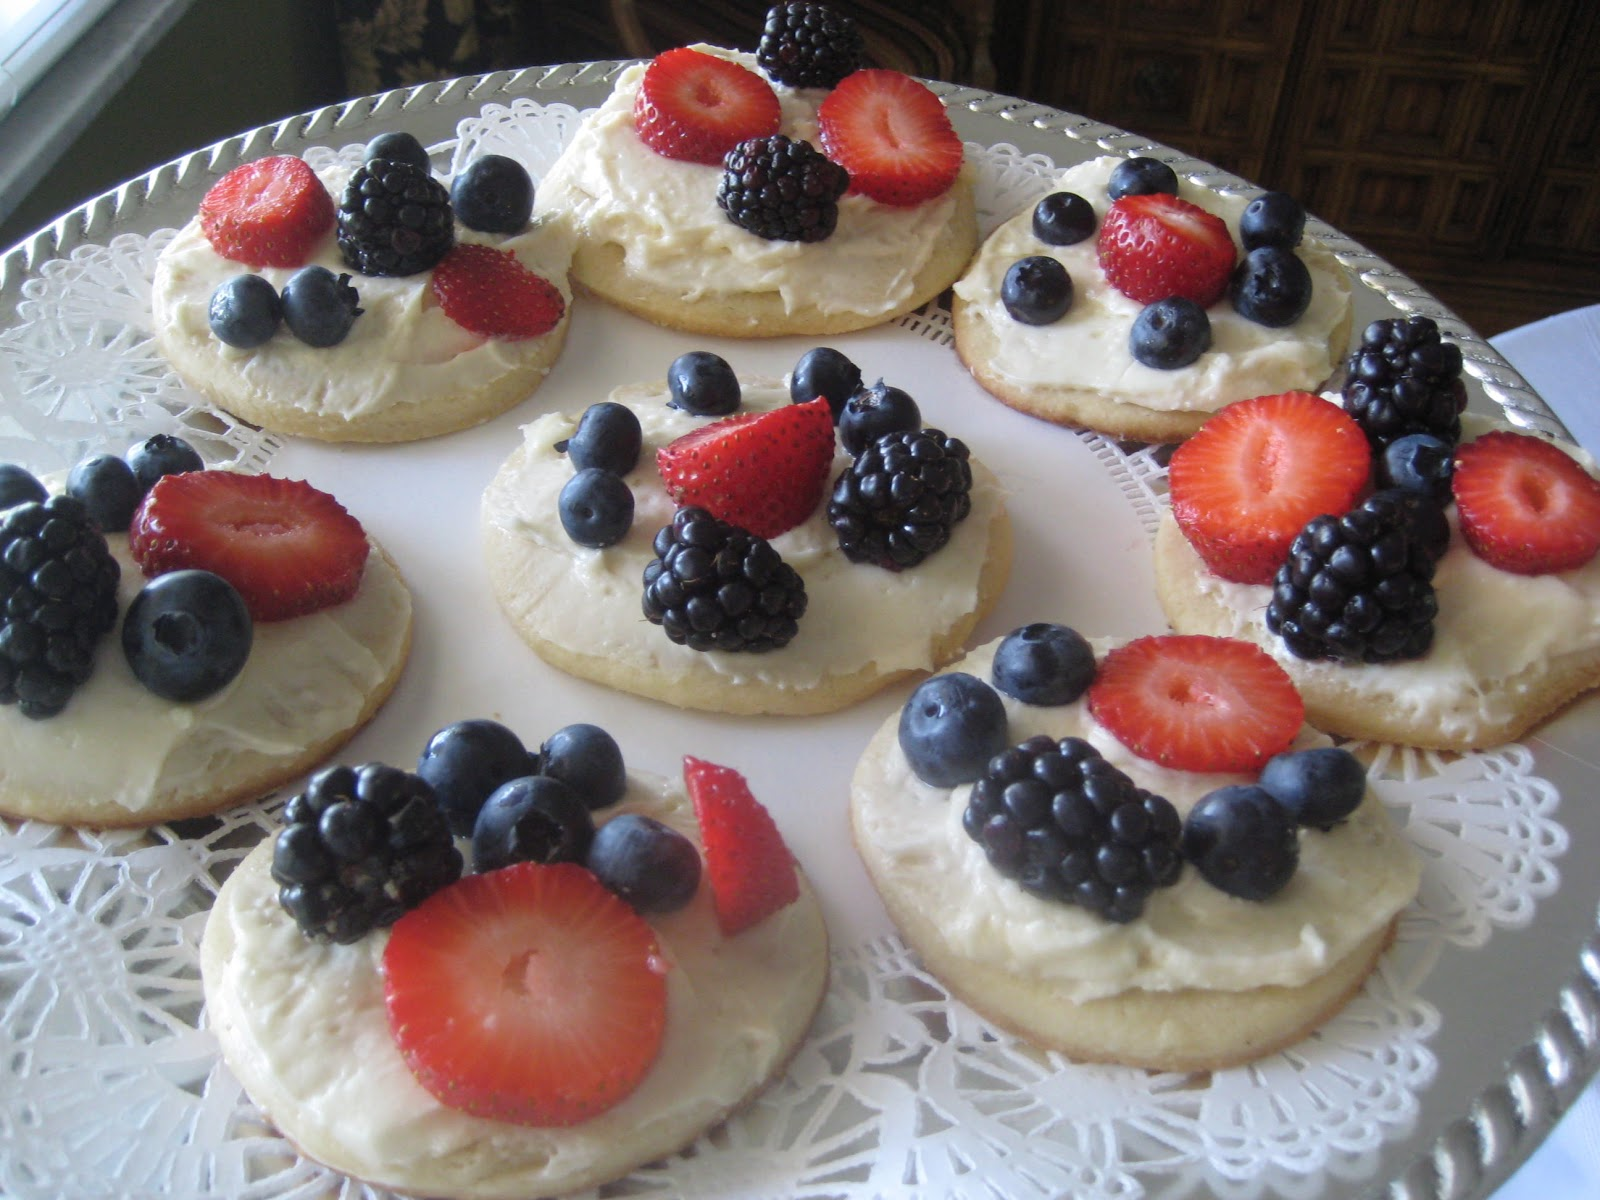 tidwell test kitchen: Mini Fruit Pizzas on Sugar Cookies